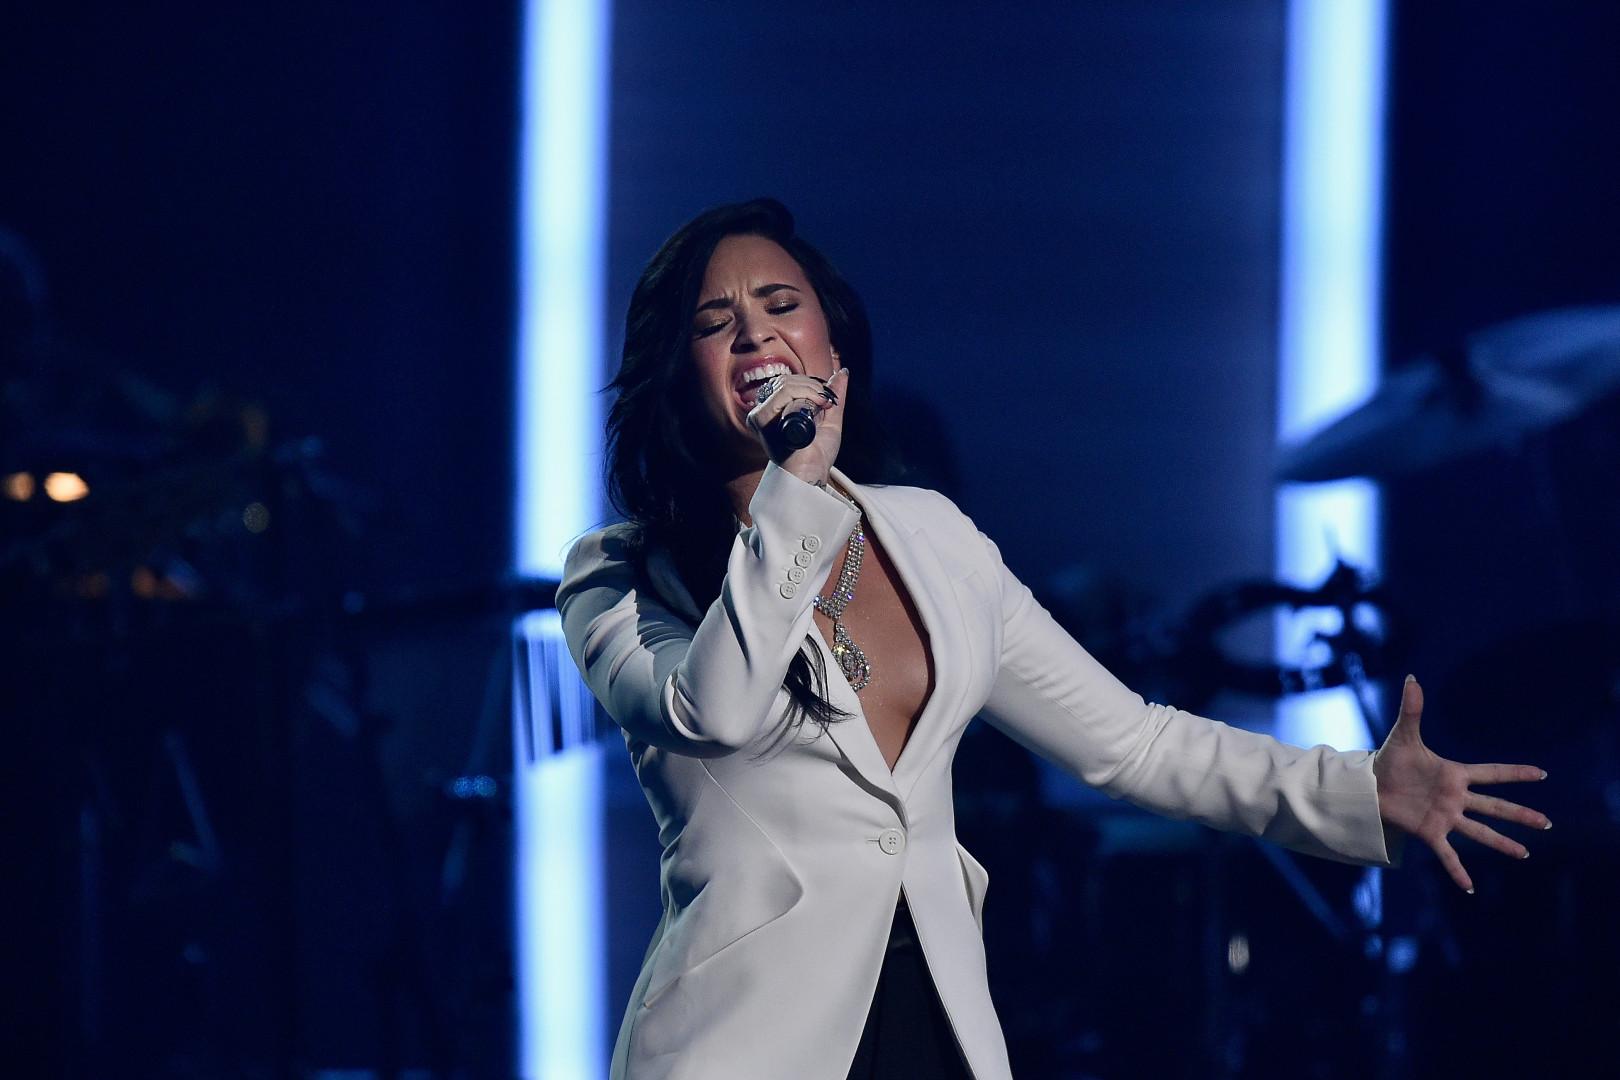 La chanteuse américaine Demi Lovato